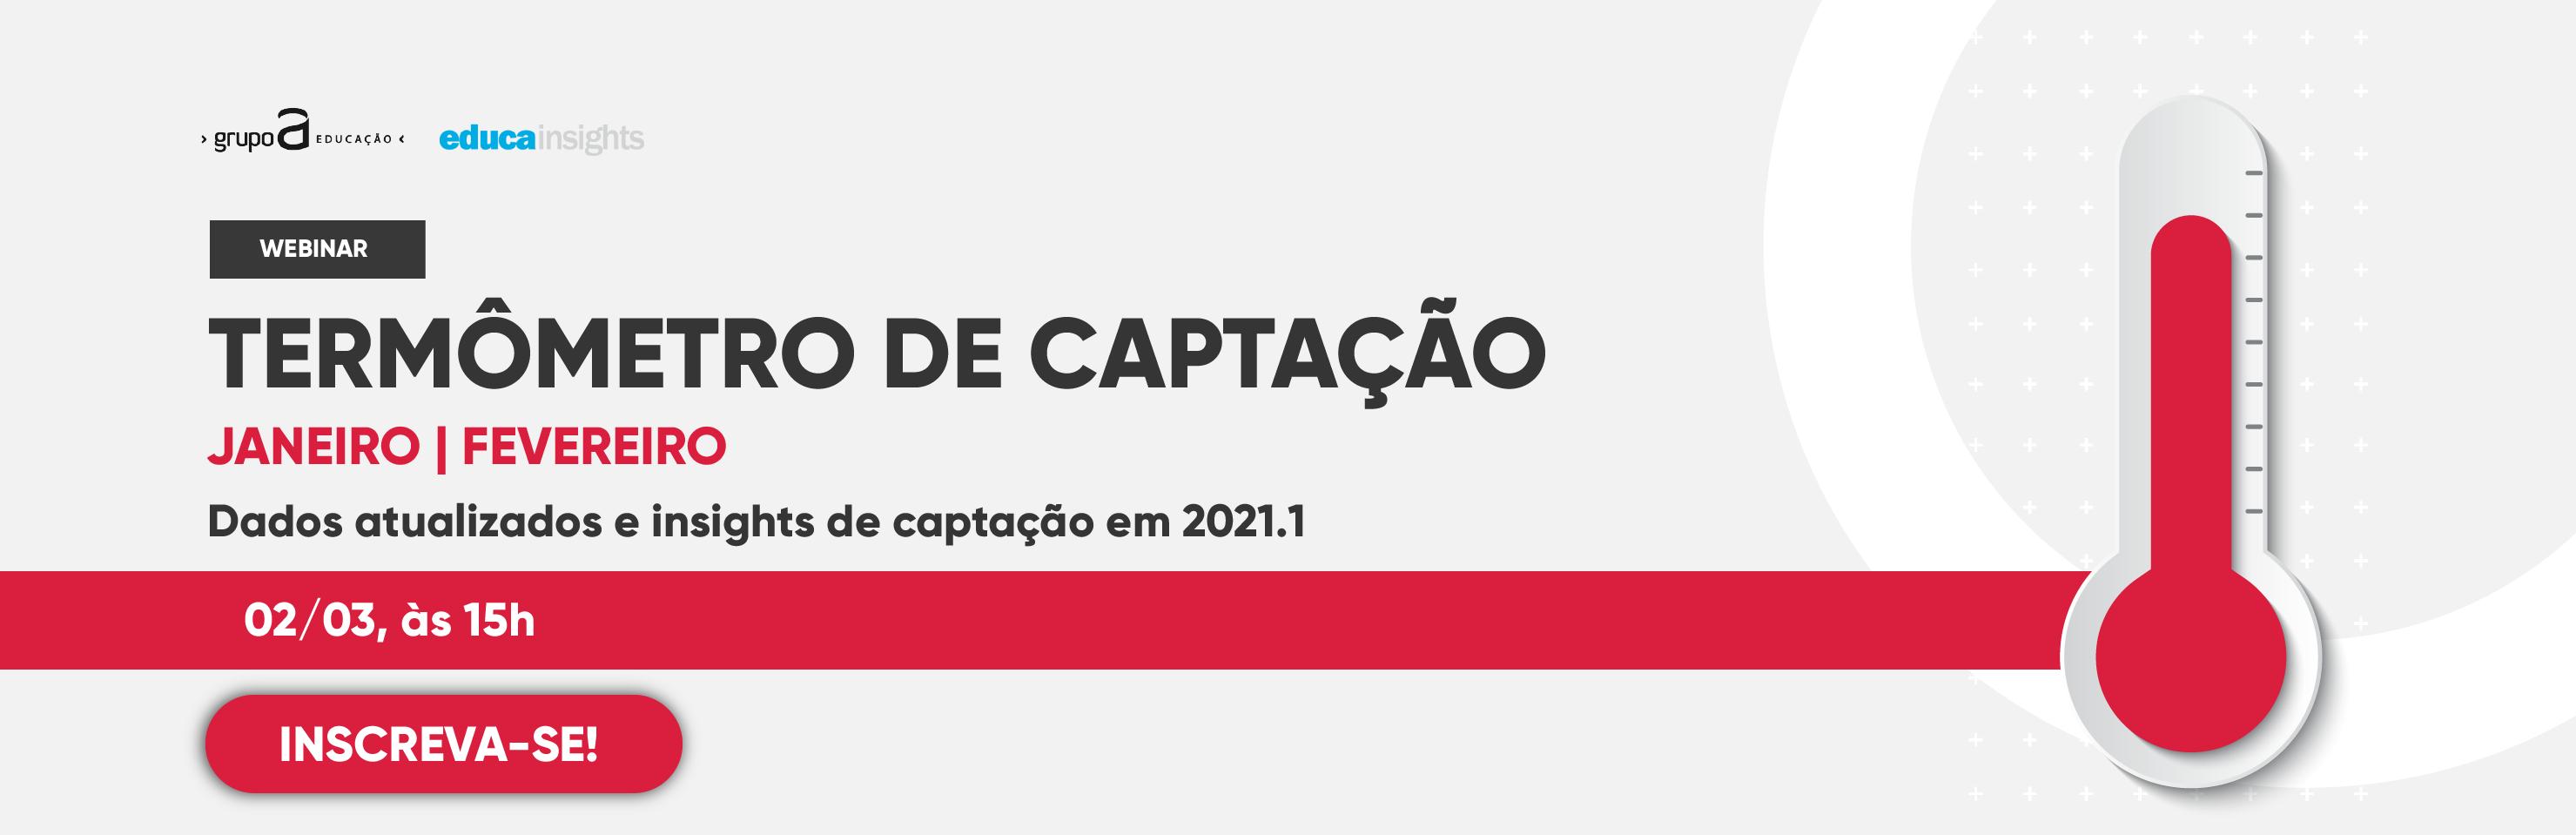 Webinar | Inscreva-se agora mesmo no webinar de captação 2021.1